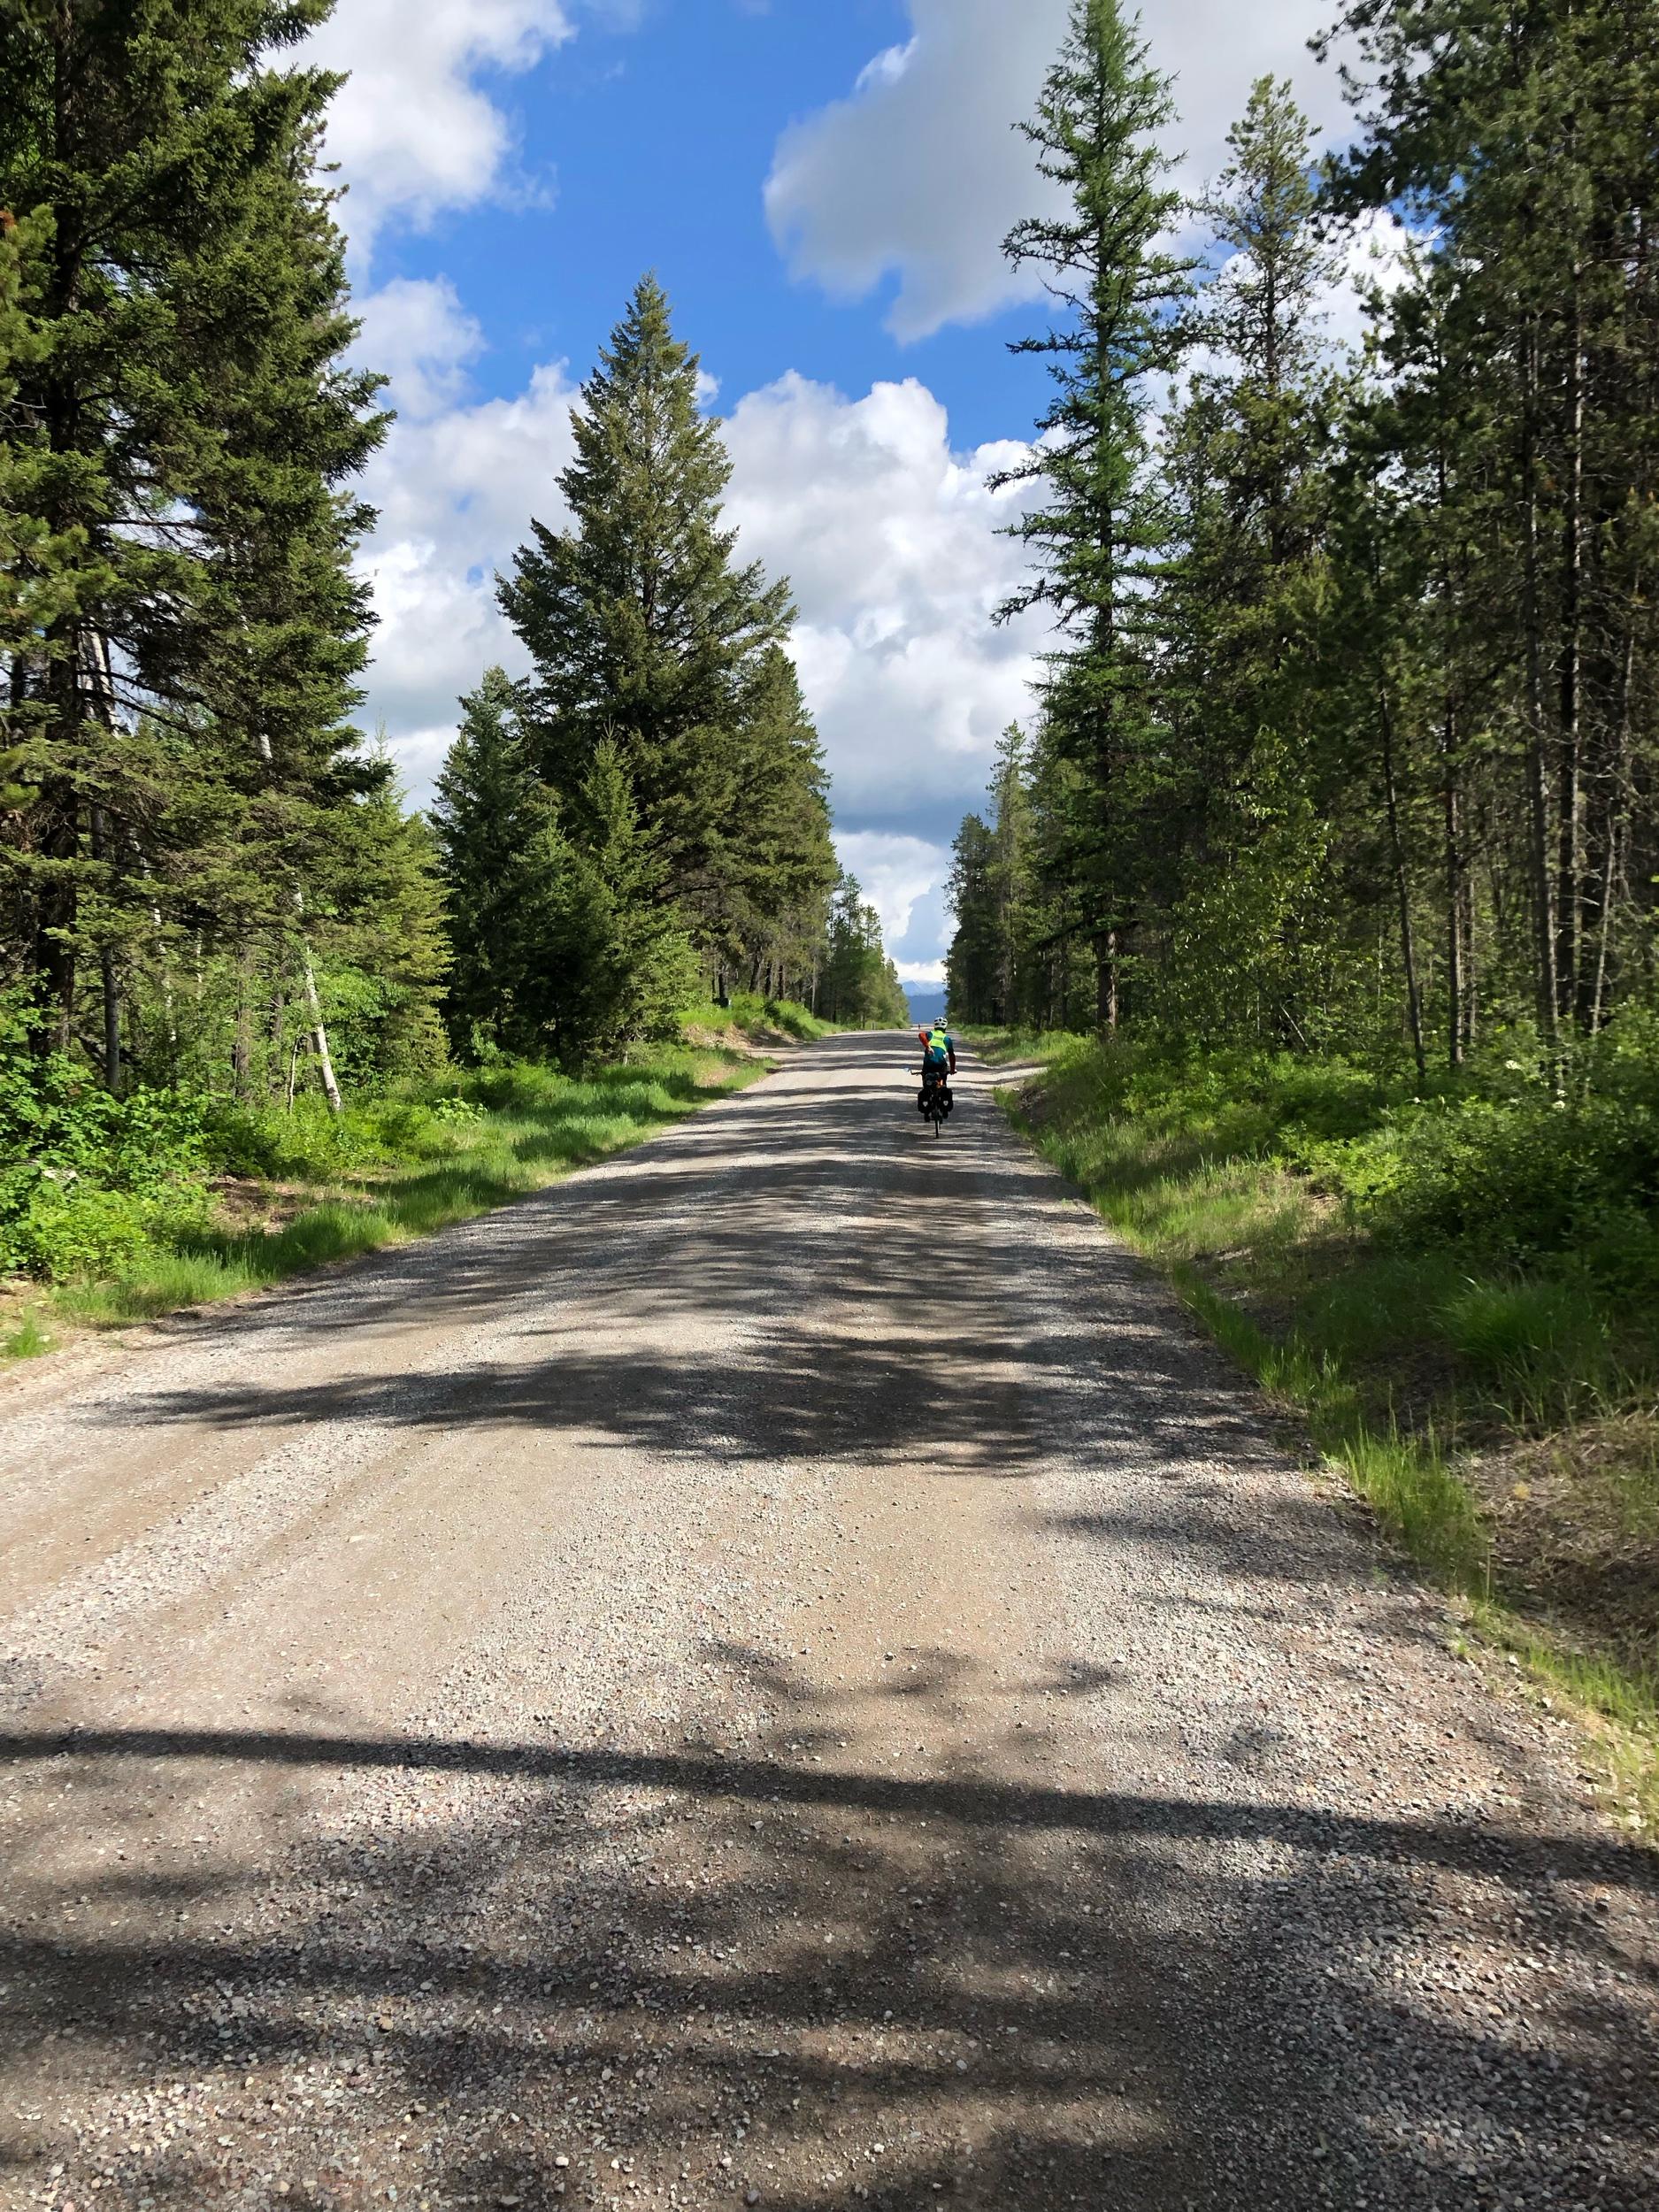 Headed towards the Rockies